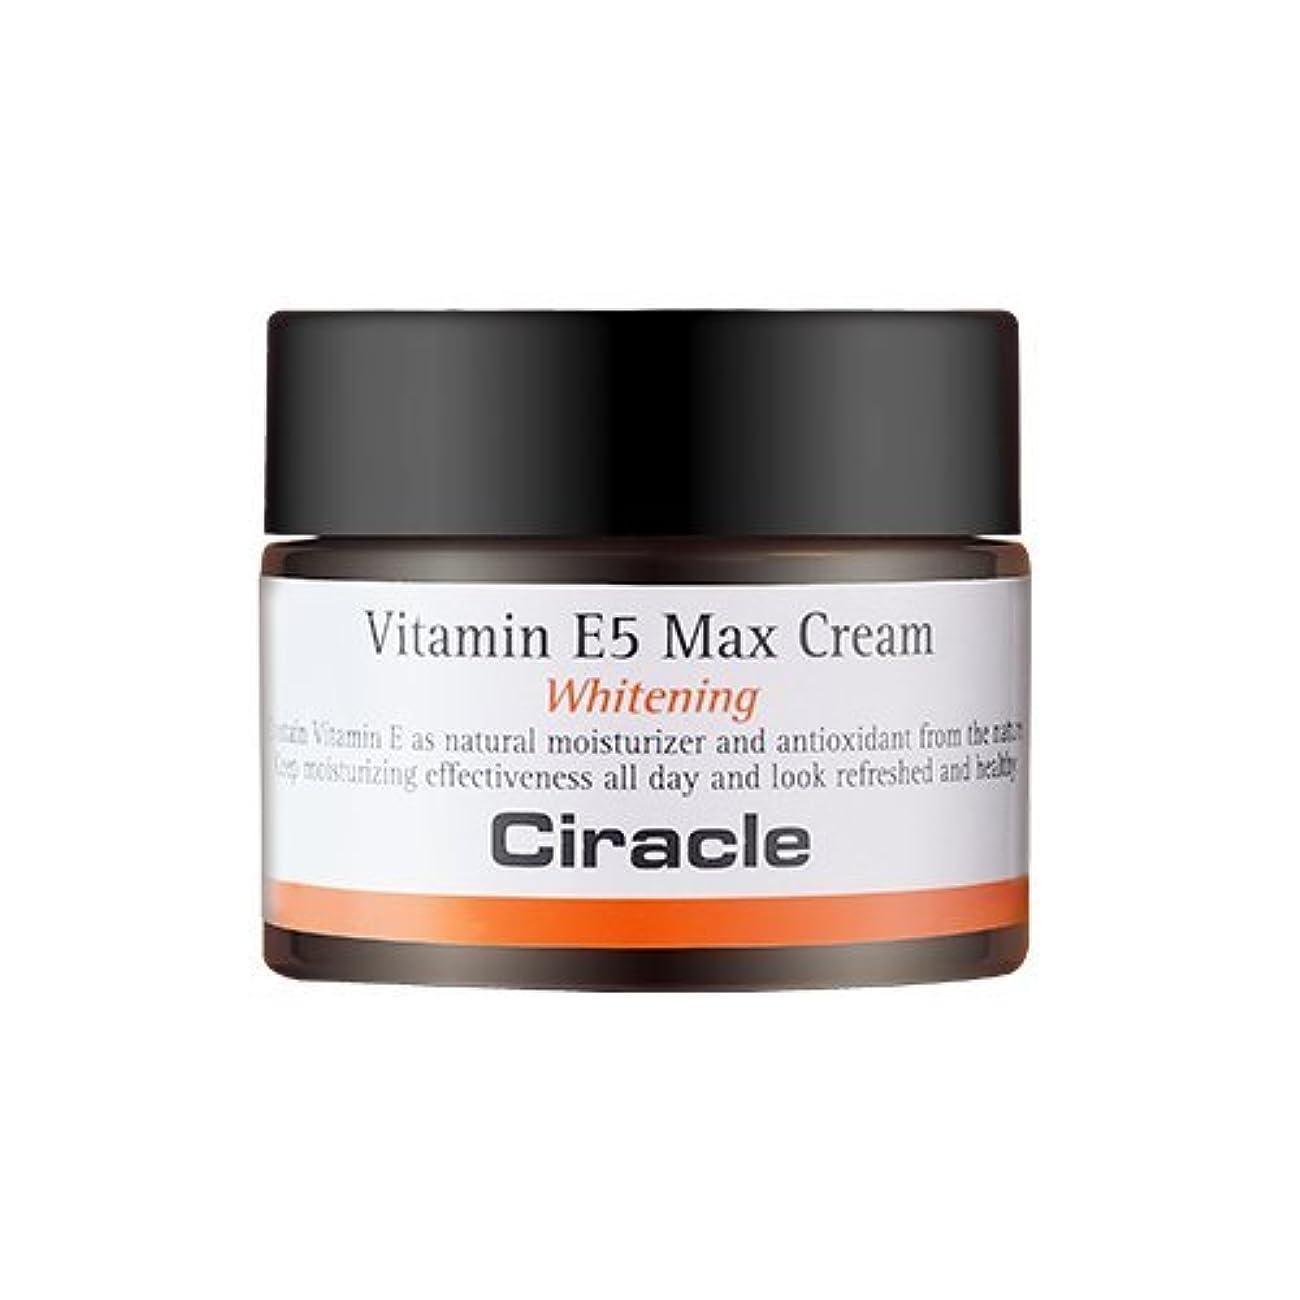 大気銀行プレミアムCiracle Vitamin E5 Max Cream シラクル ビタミンE5 マックス クリーム 50ml [並行輸入品]